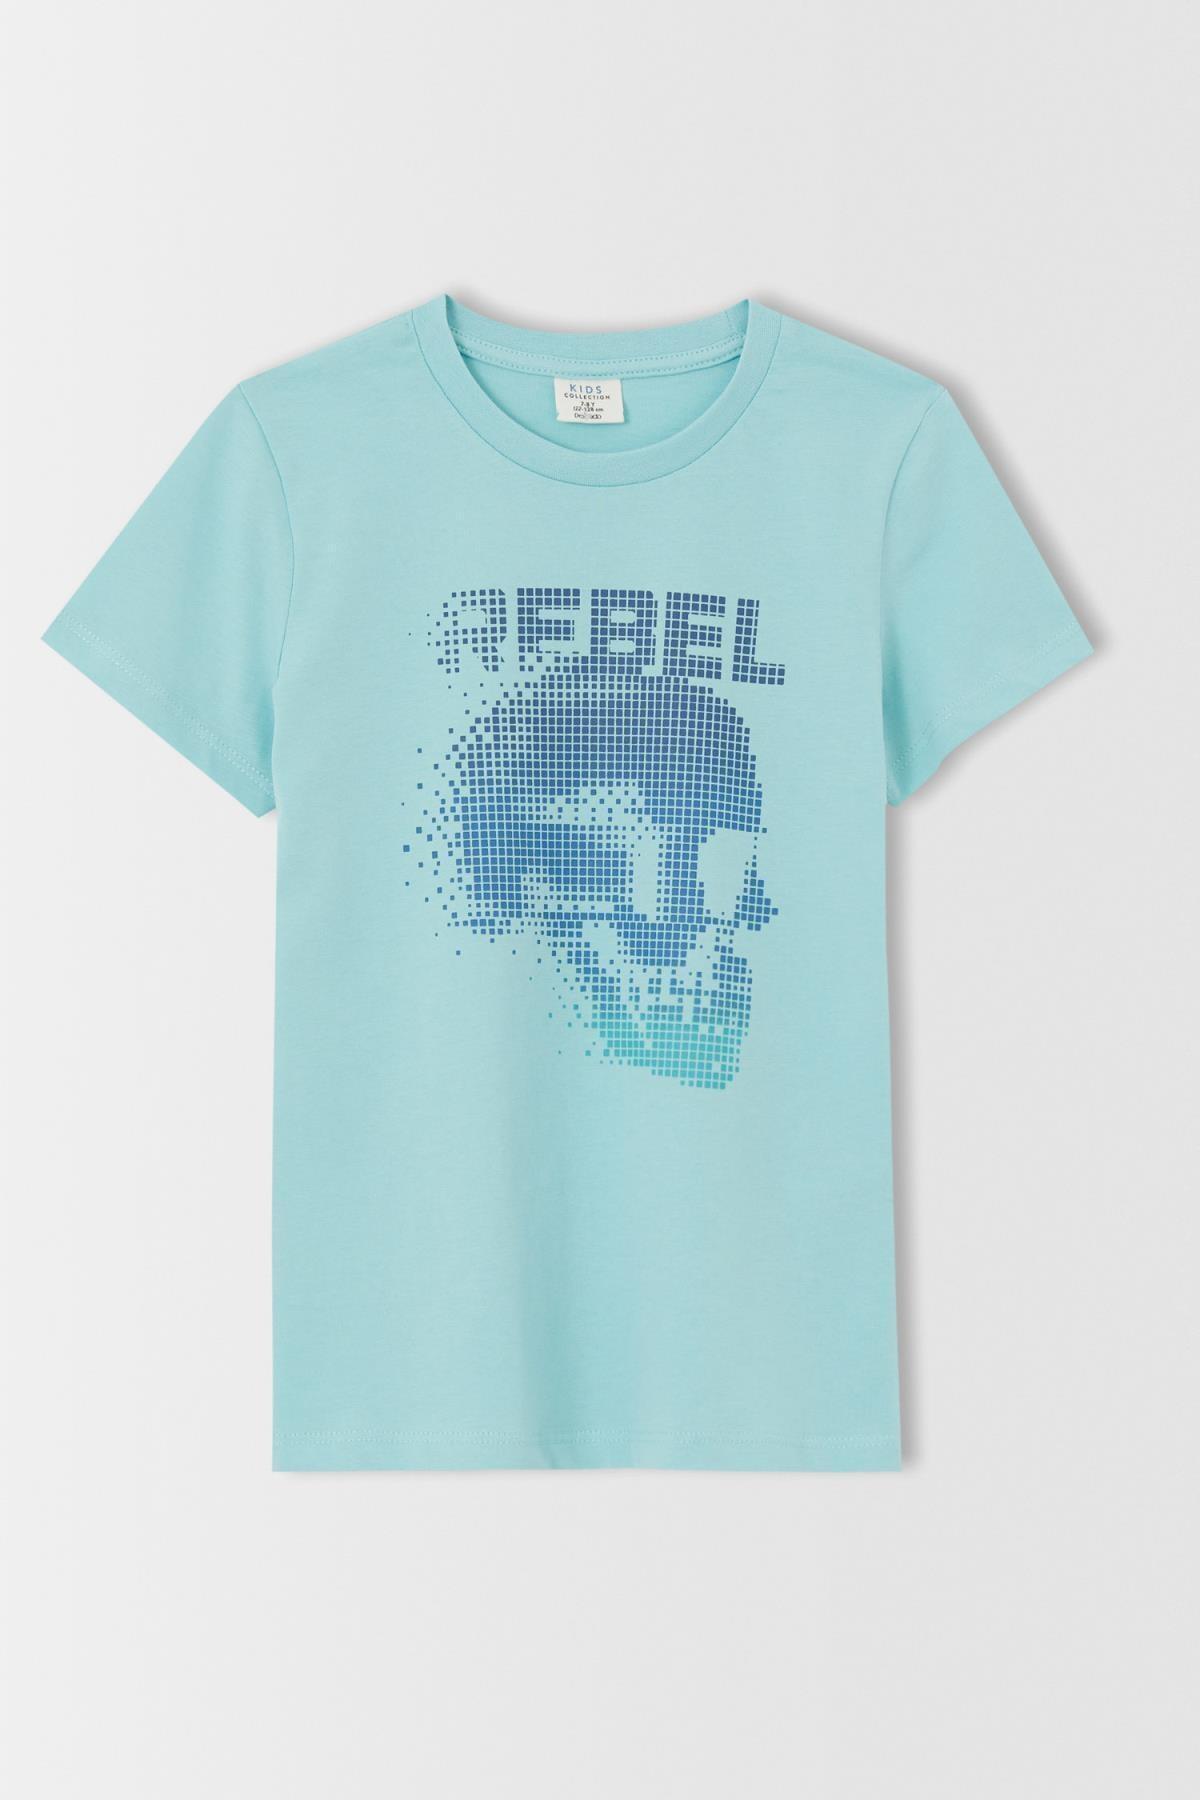 فروش تیشرت پسرانه برند دفاکتو رنگ فیروزه ای ty113923305